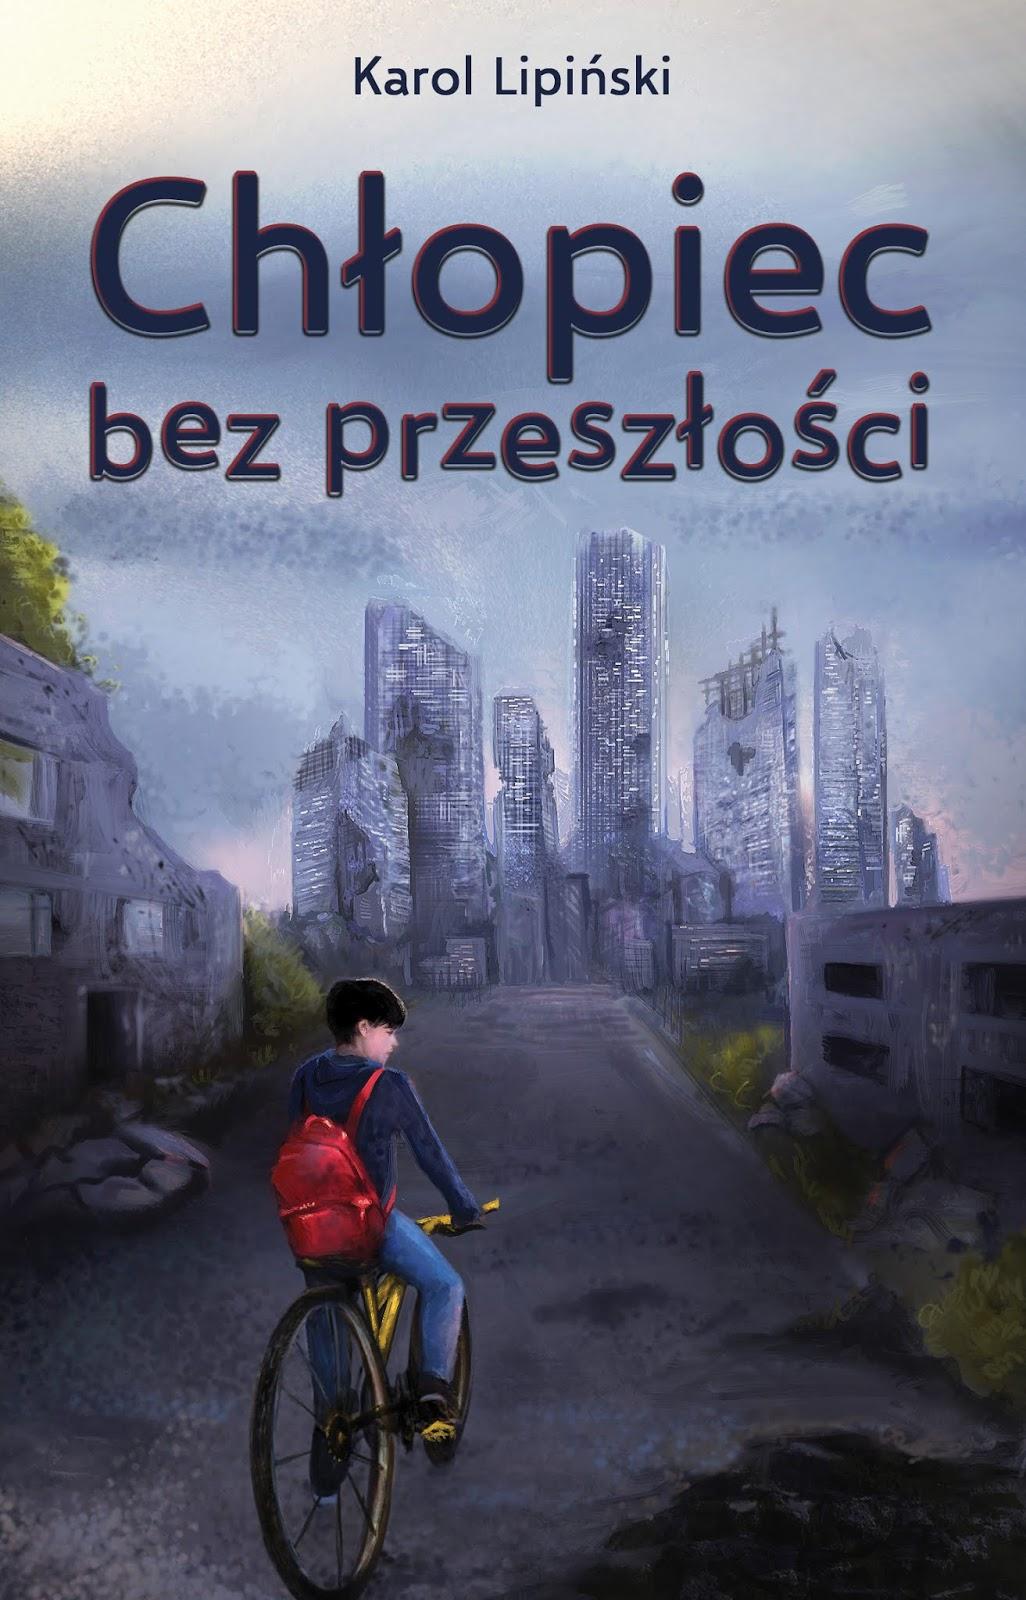 Chłopiec bez przeszłości - Karol Lipiński książka okładka przód